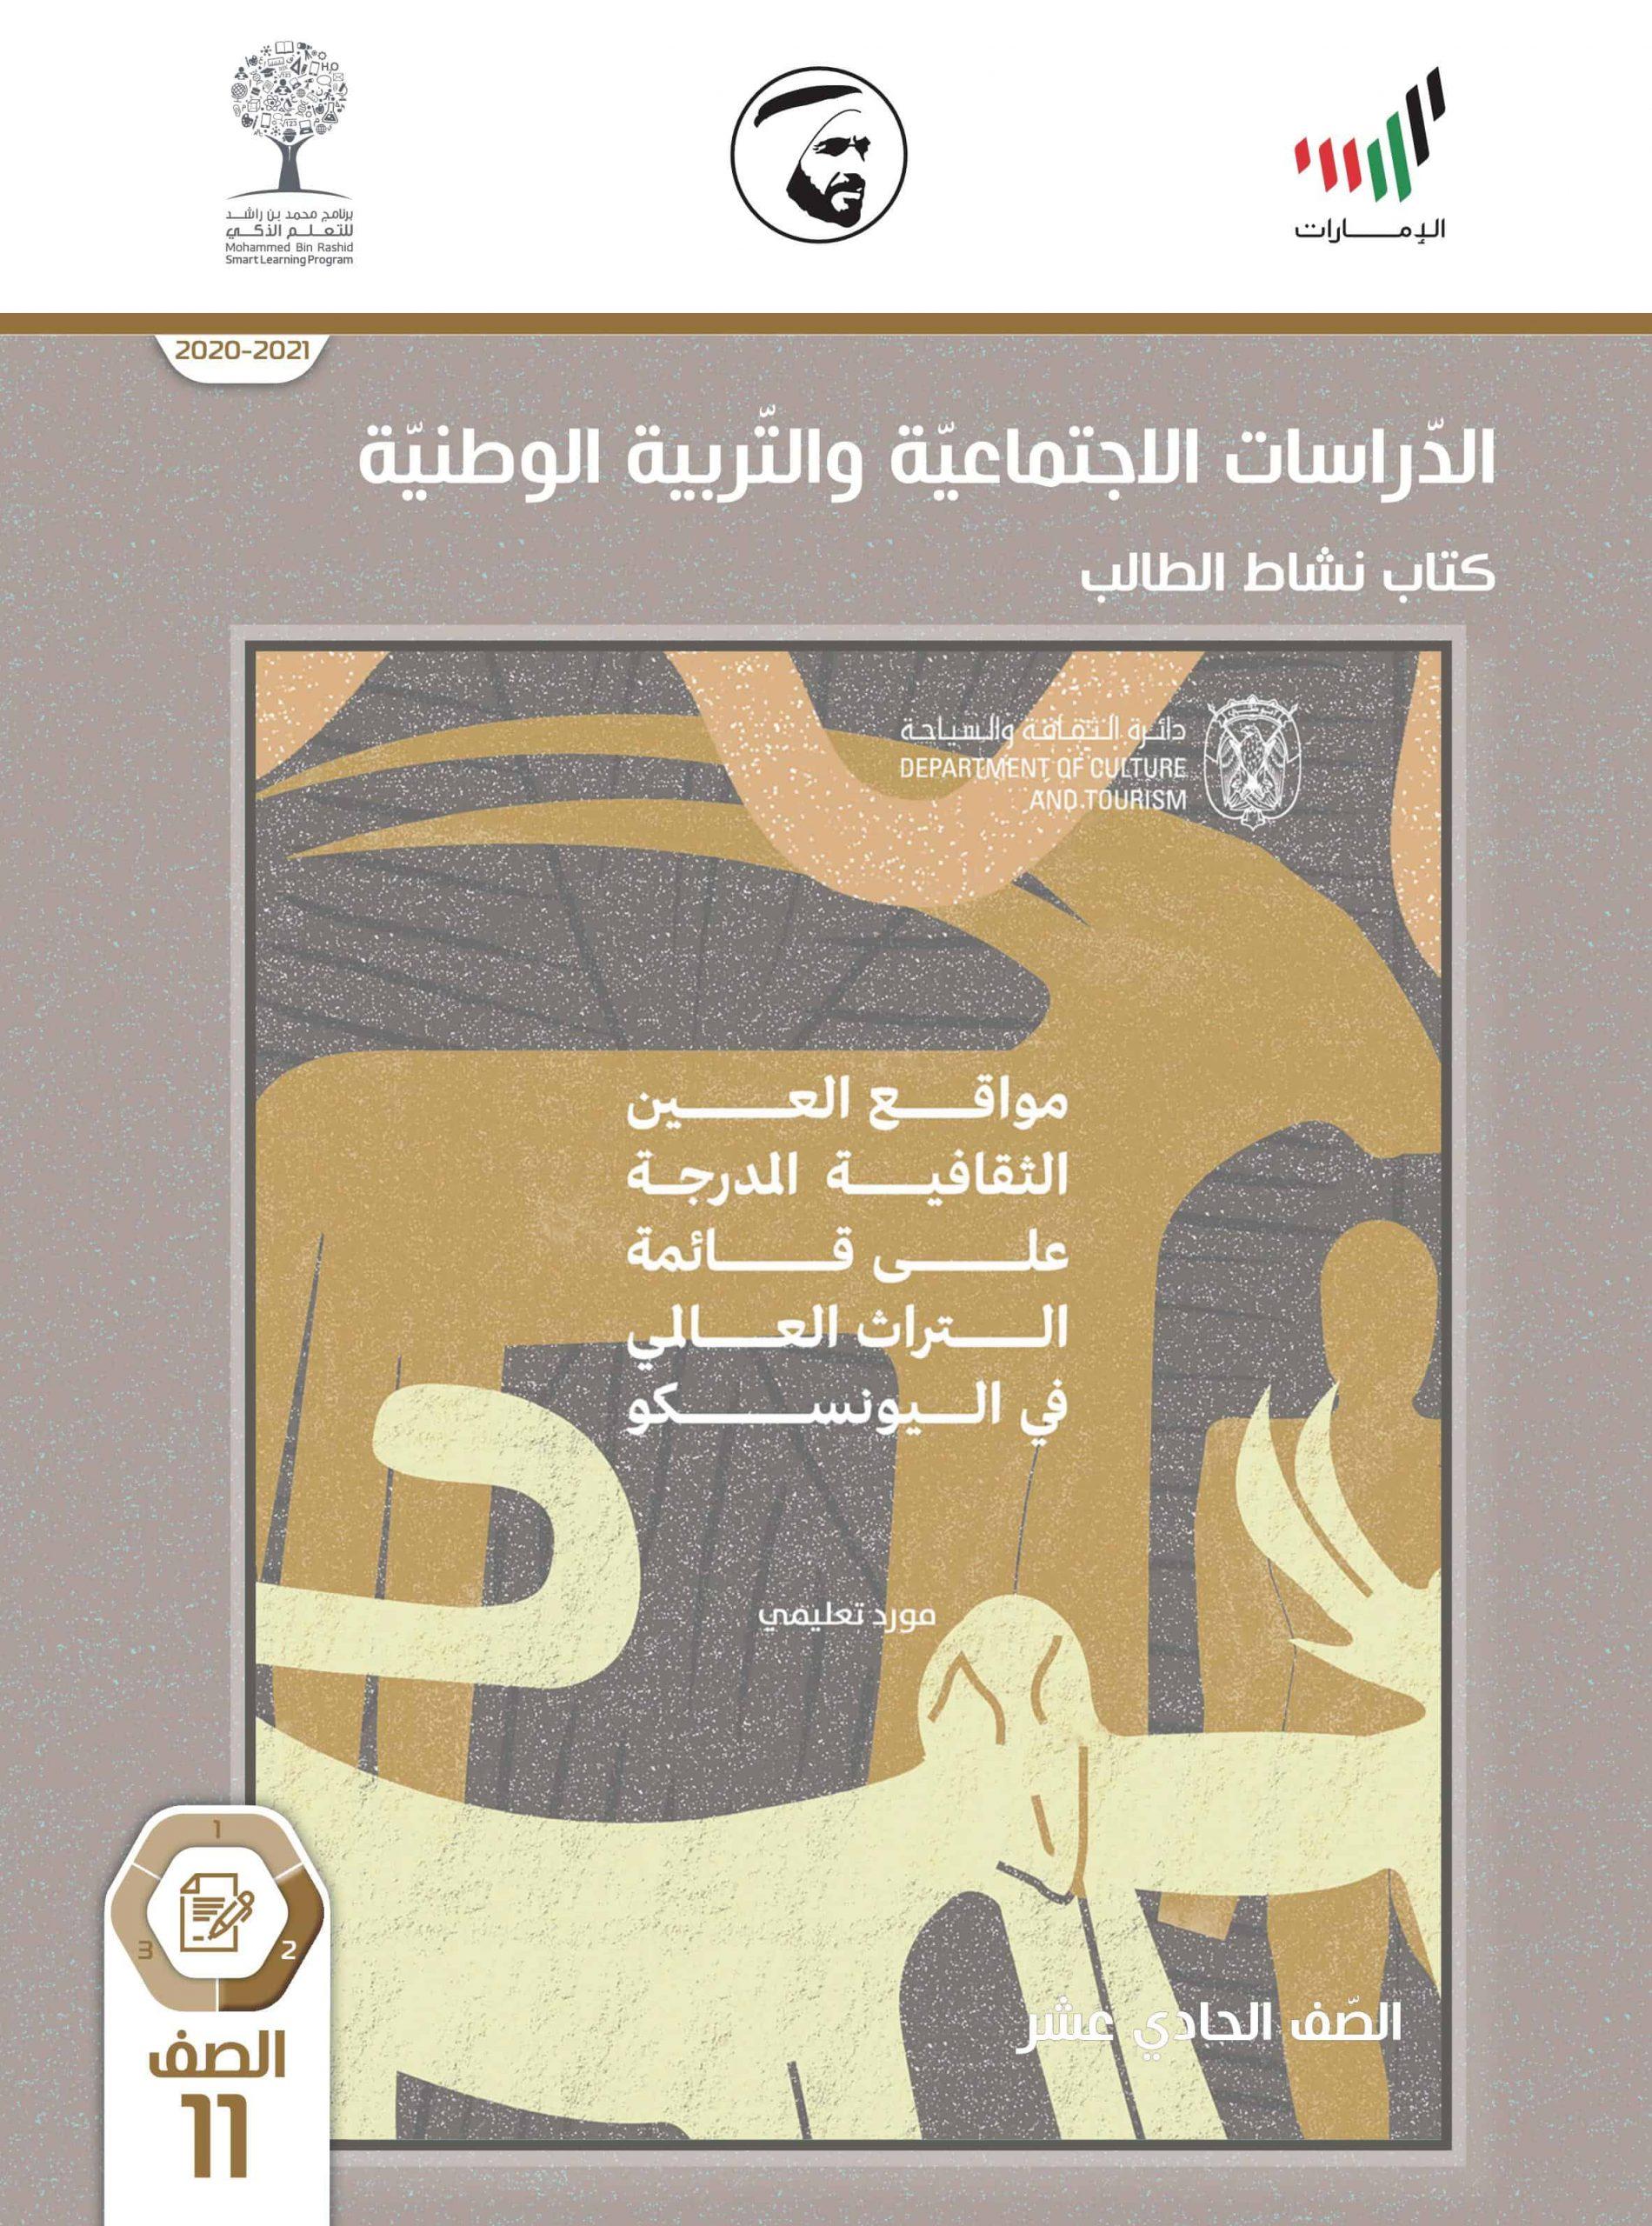 كتاب النشاط للطالب الفصل الدراسي الثاني 2020-2021 الصف الحادي عشر مادة الدراسات الاجتماعية والتربية الوطنية